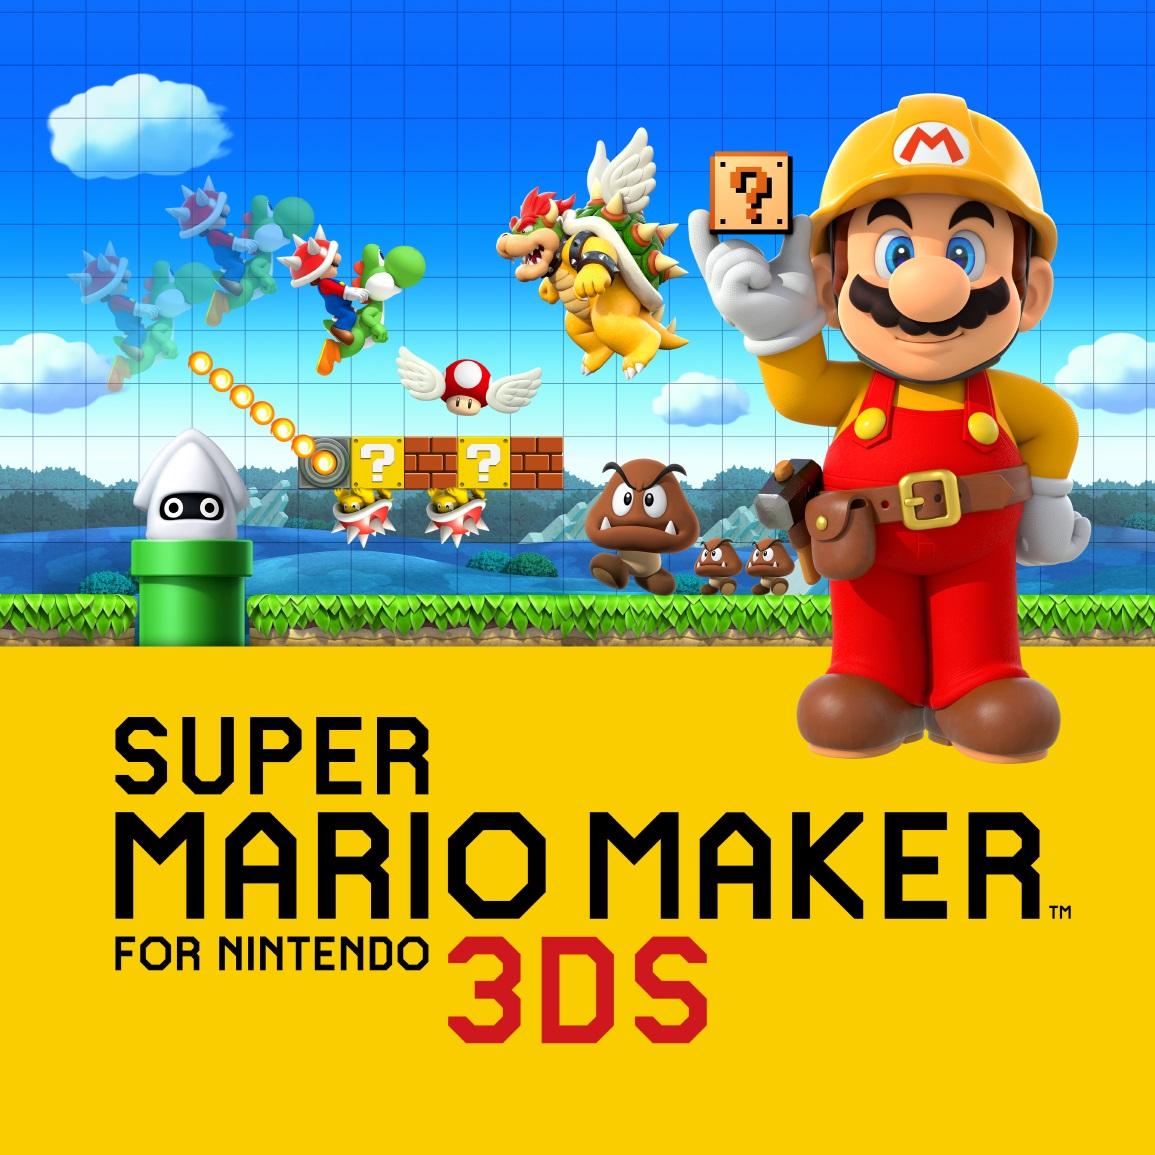 슈퍼 마리오 메이커 for 닌텐도 3DS | minimap.net